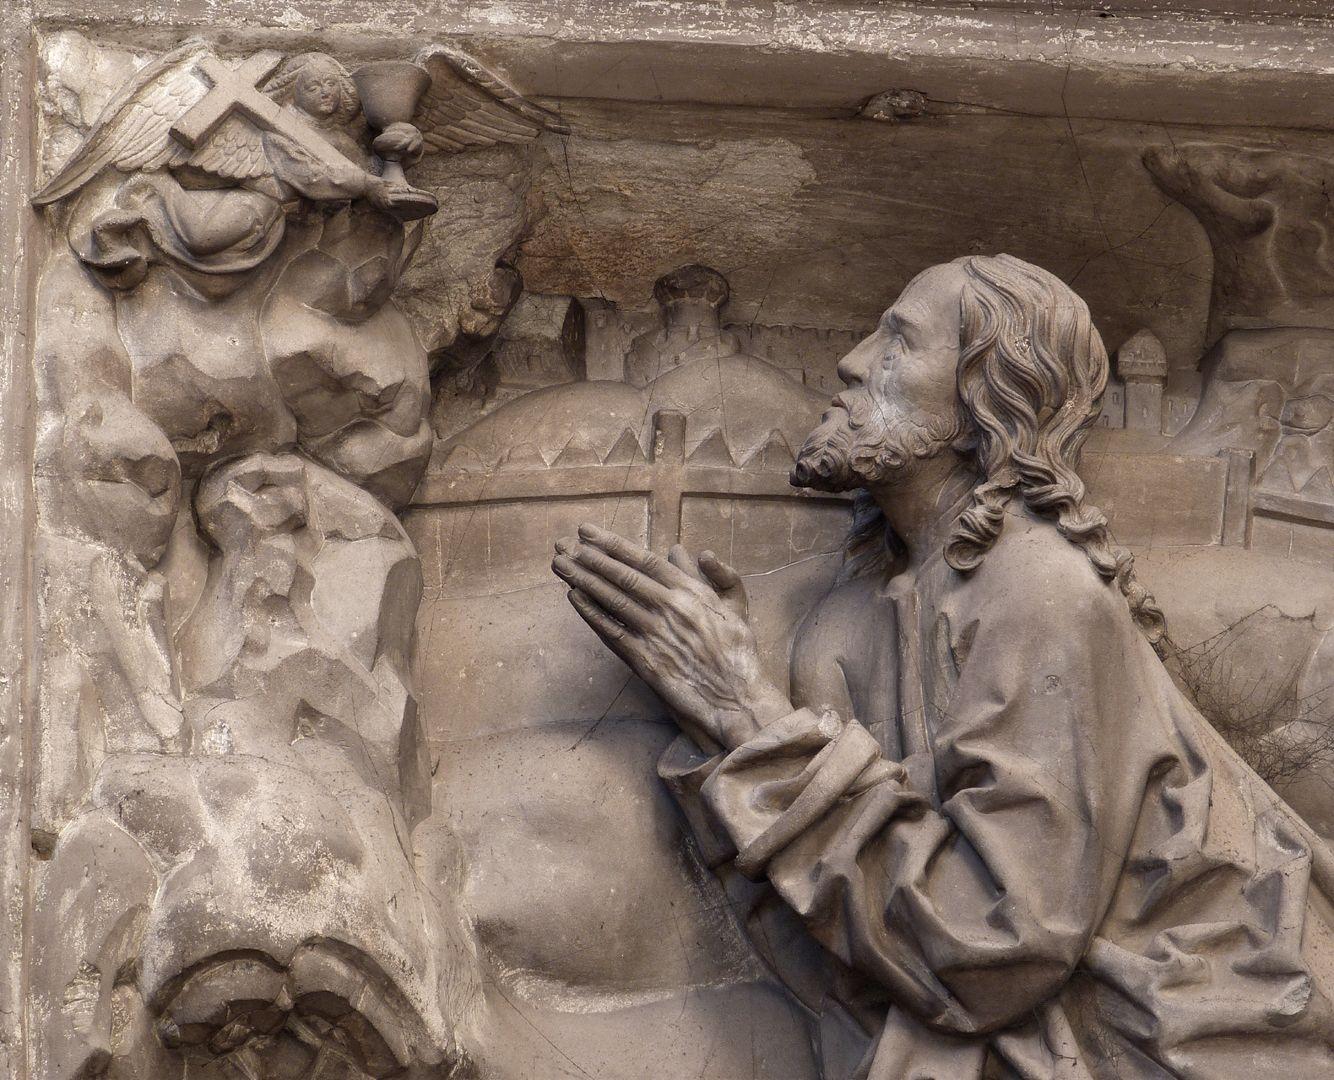 Volckamersche Gedächtnisstiftung, Reliefplatten Ölberggebet, der betende Christus